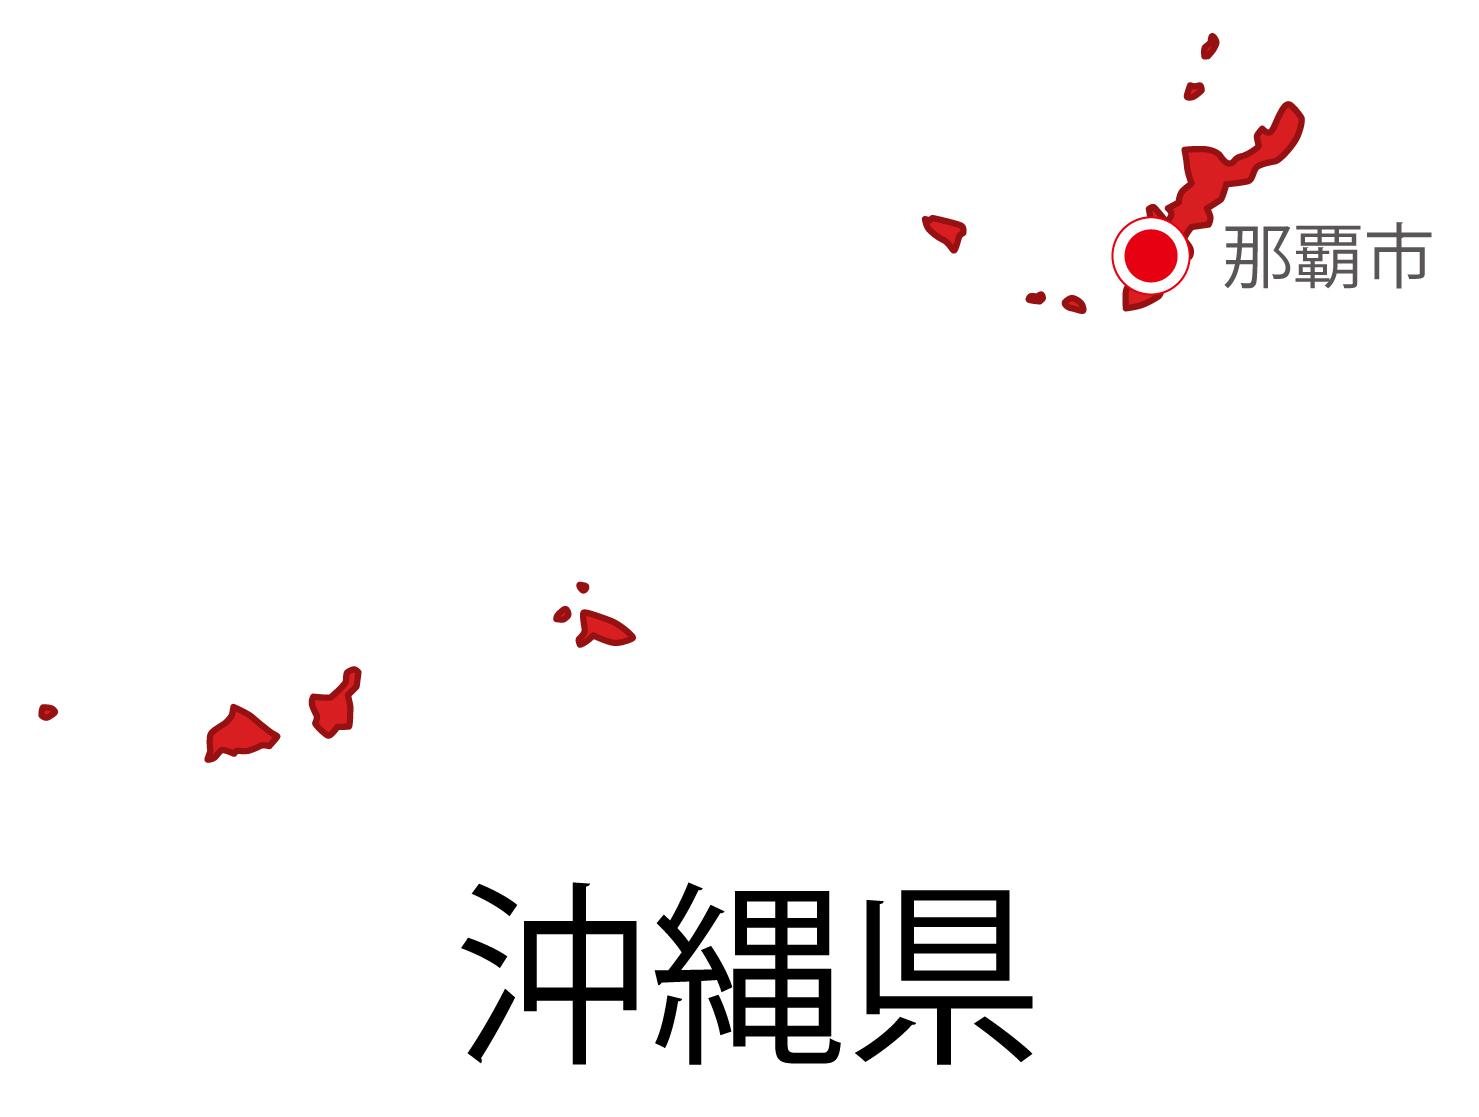 沖縄県無料フリーイラスト|日本語・都道府県名あり・県庁所在地あり(赤)